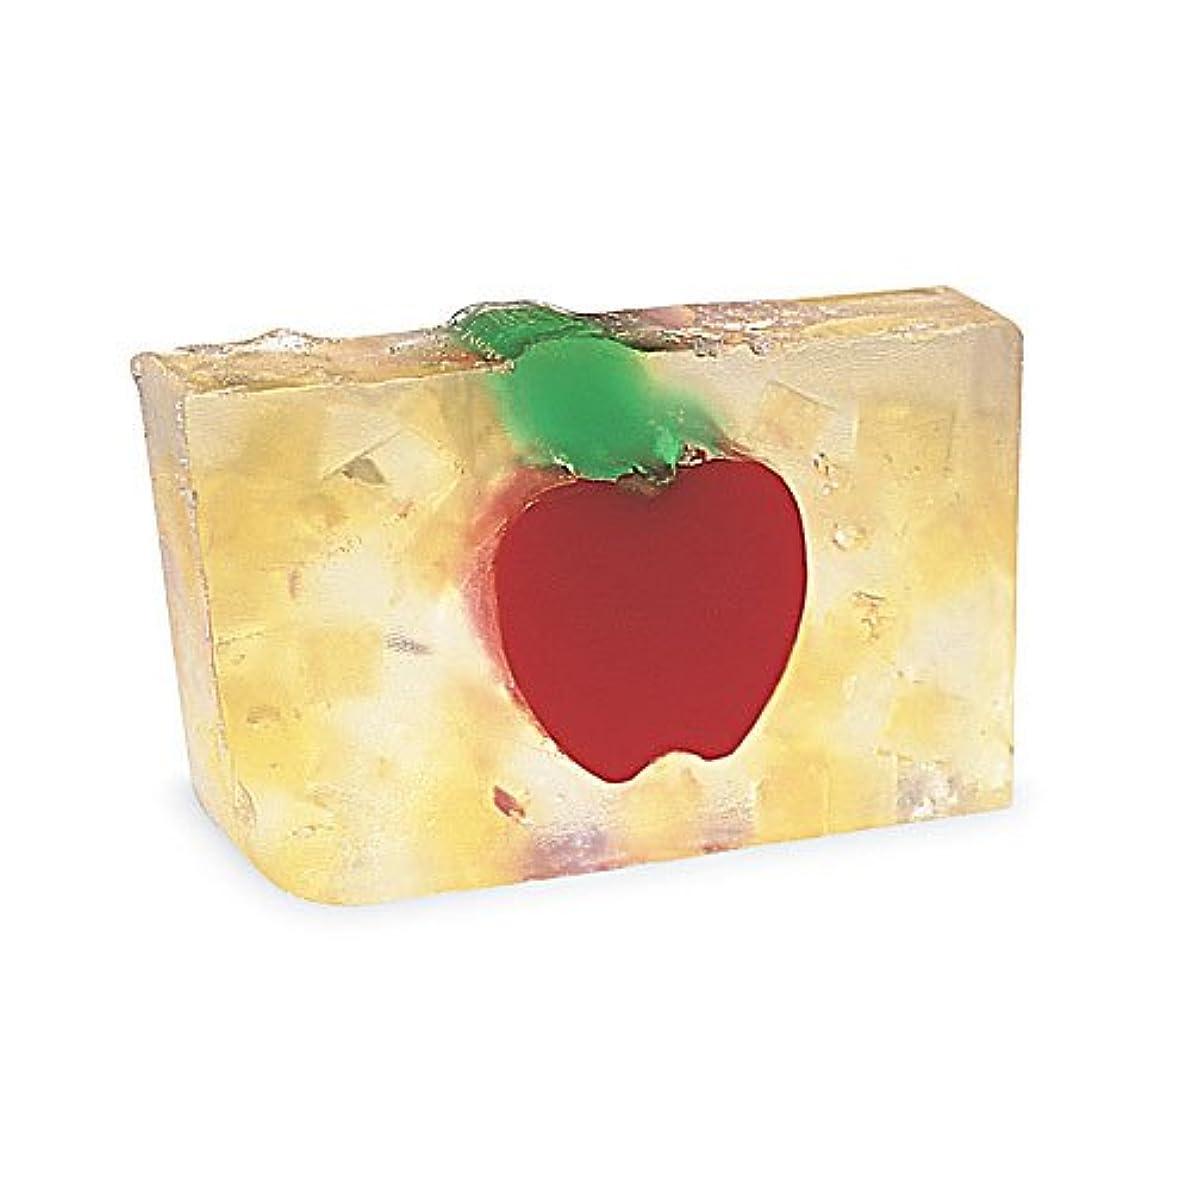 王朝破裂精算プライモールエレメンツ アロマティック ソープ ビッグアップル 180g 植物性 ナチュラル 石鹸 無添加